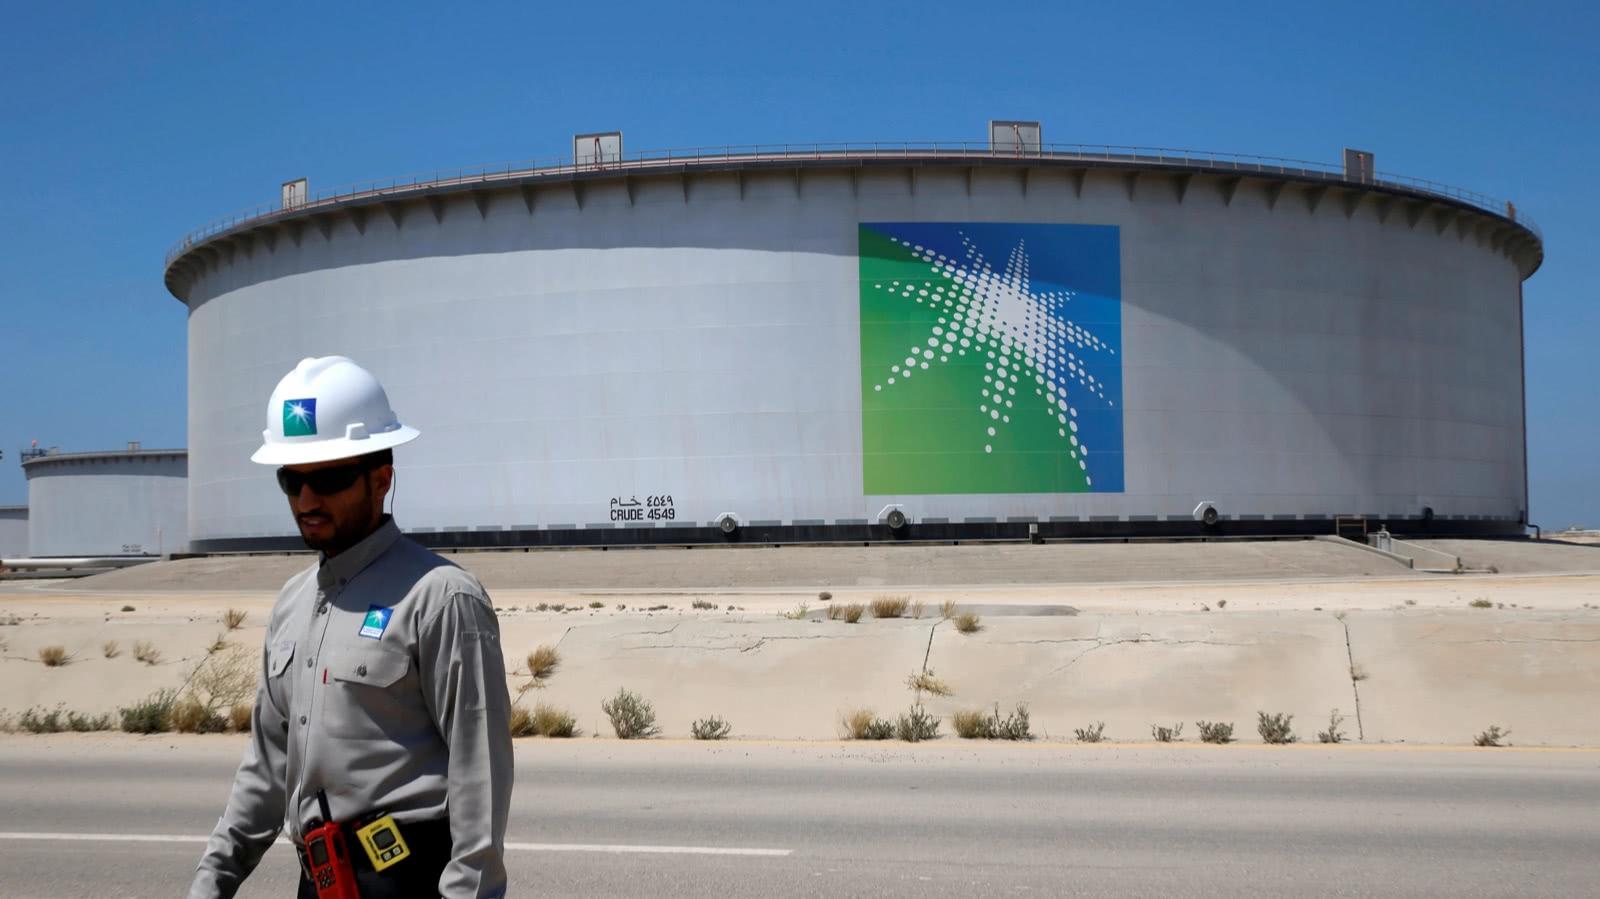 全球最大石油公司换掌门,沙特王储雄心搞改革